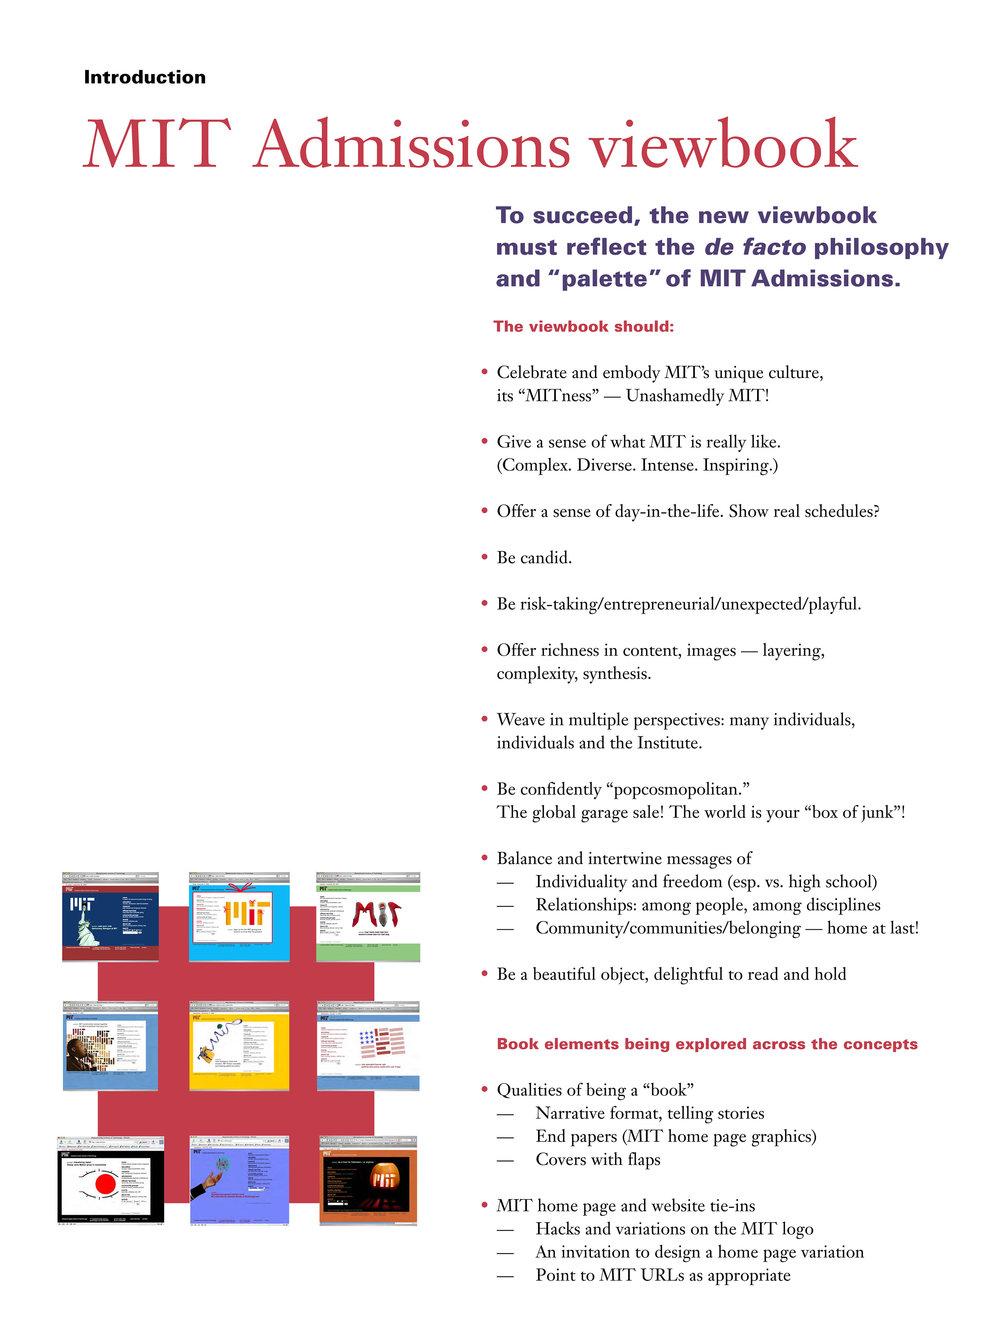 MIT Viewbook concept presentation